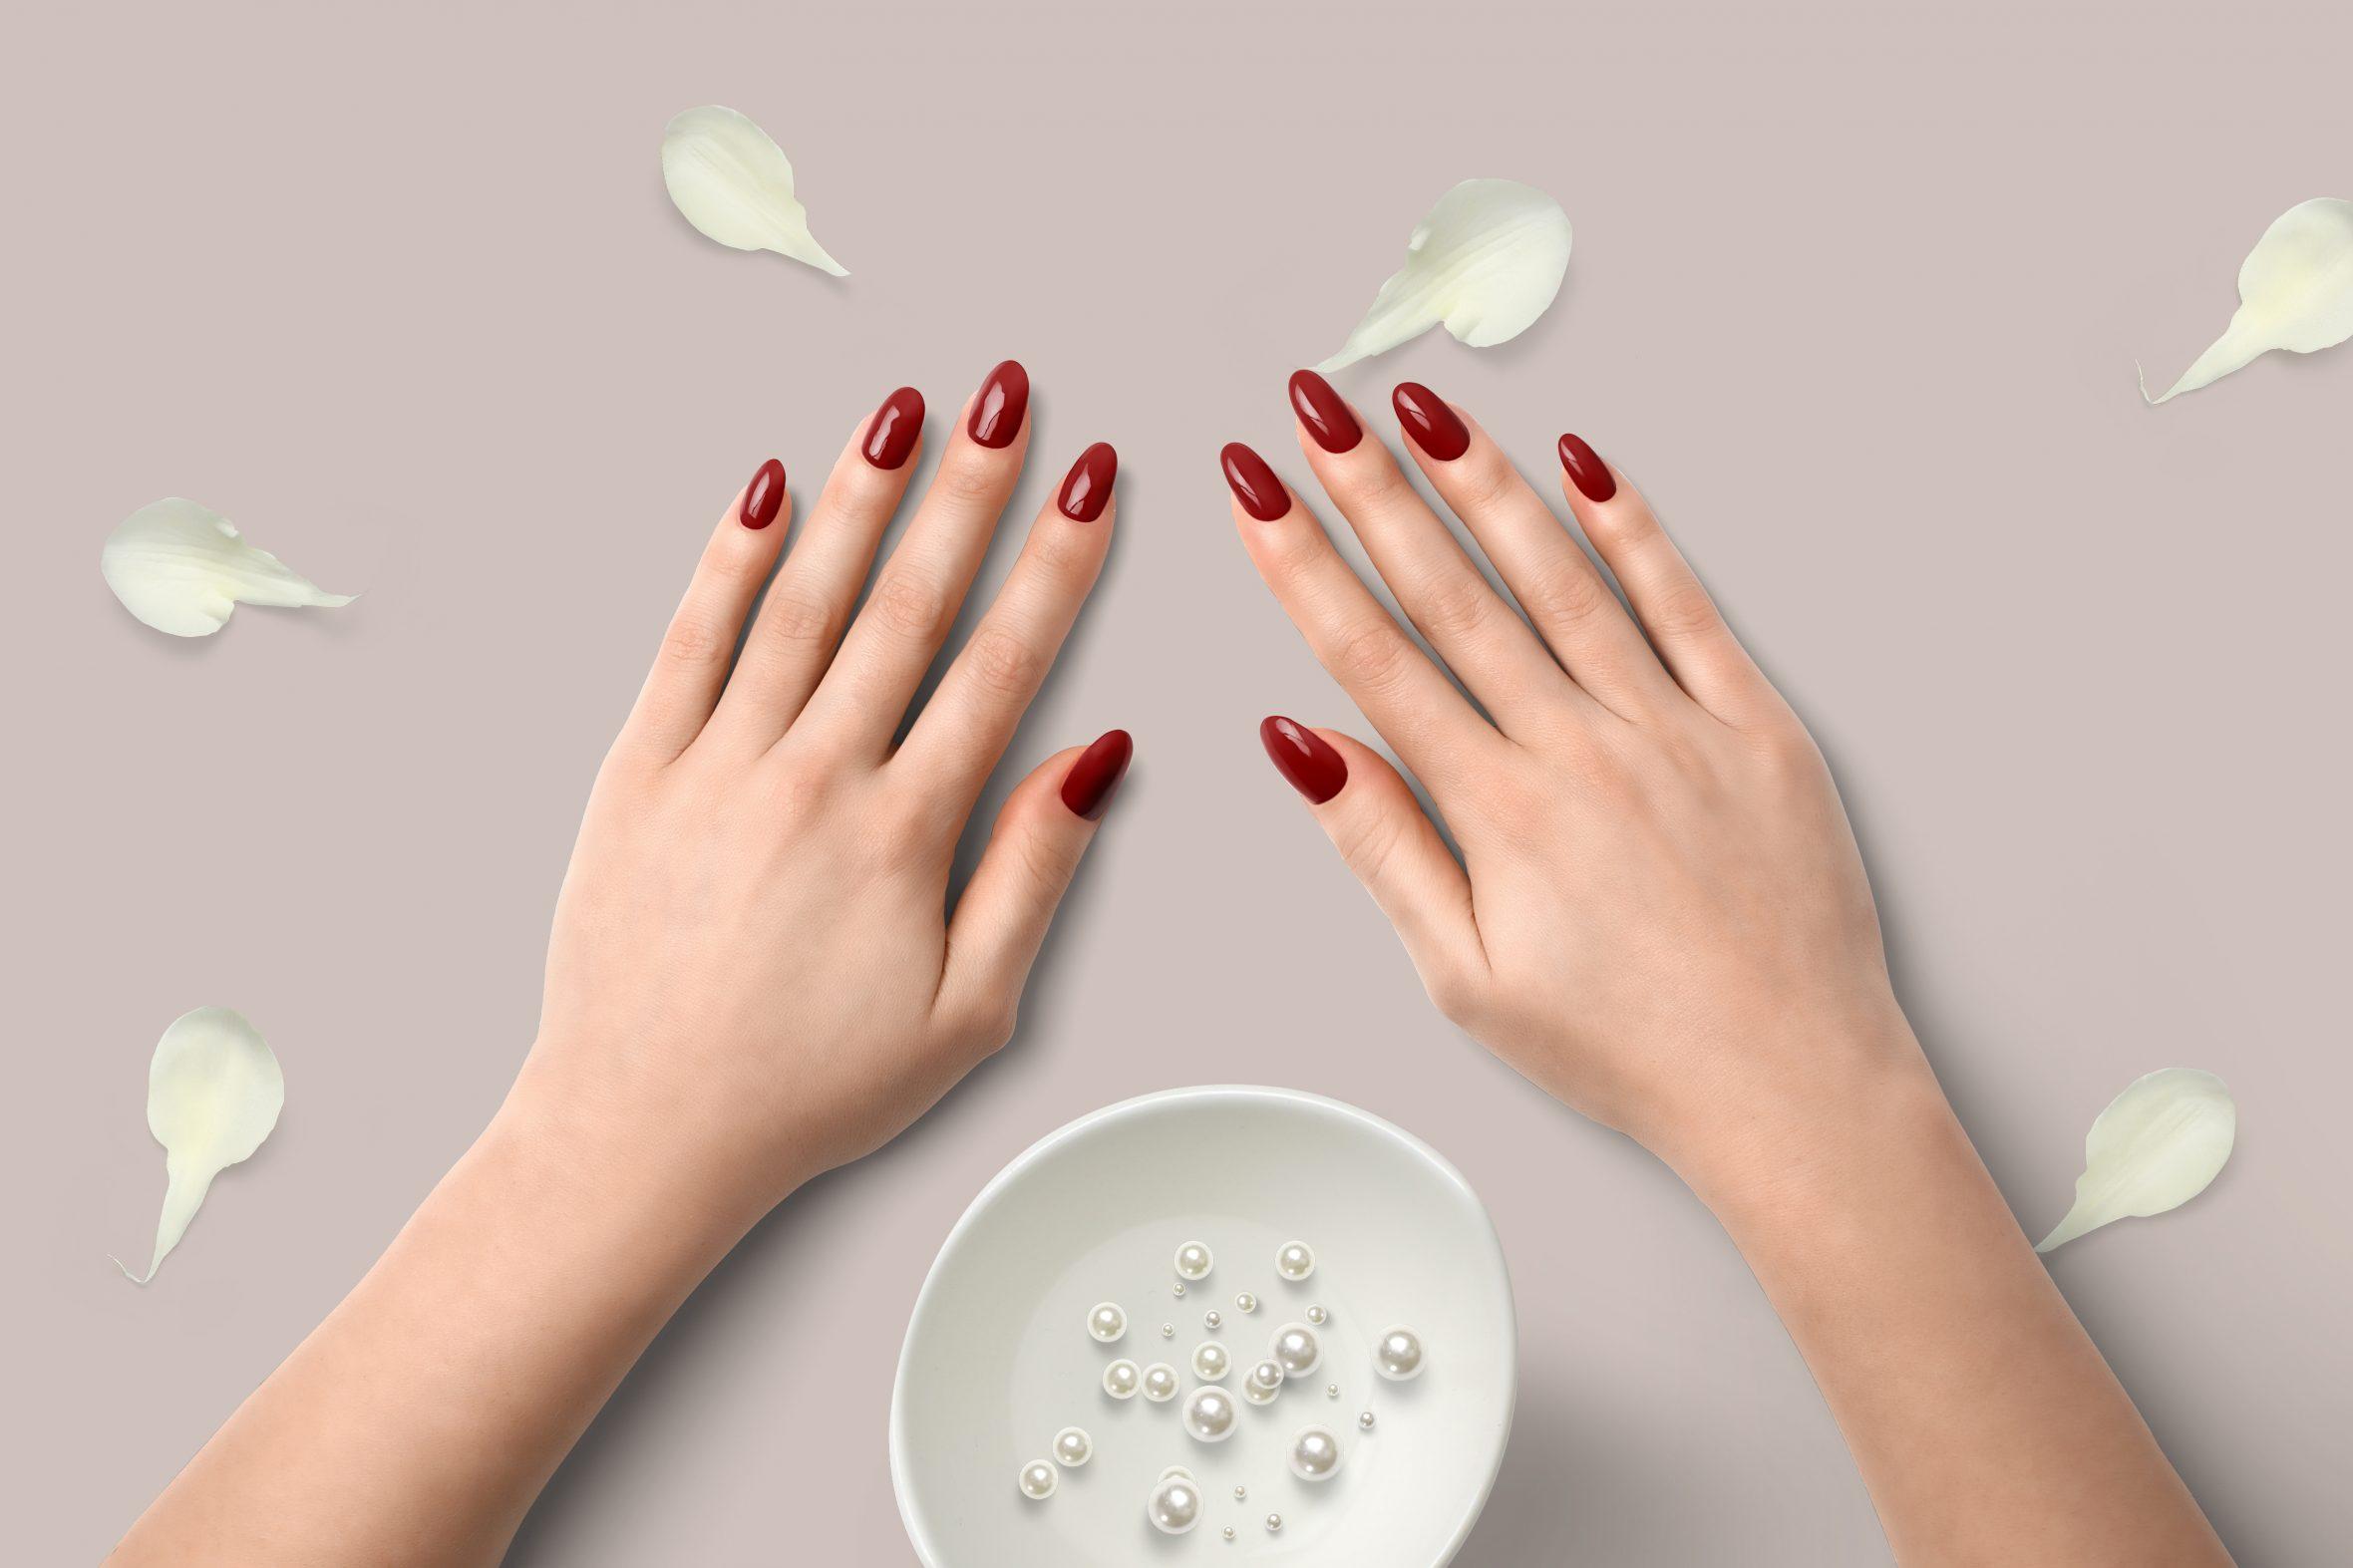 Bordeaux rode nagellak voor een mooie manicure